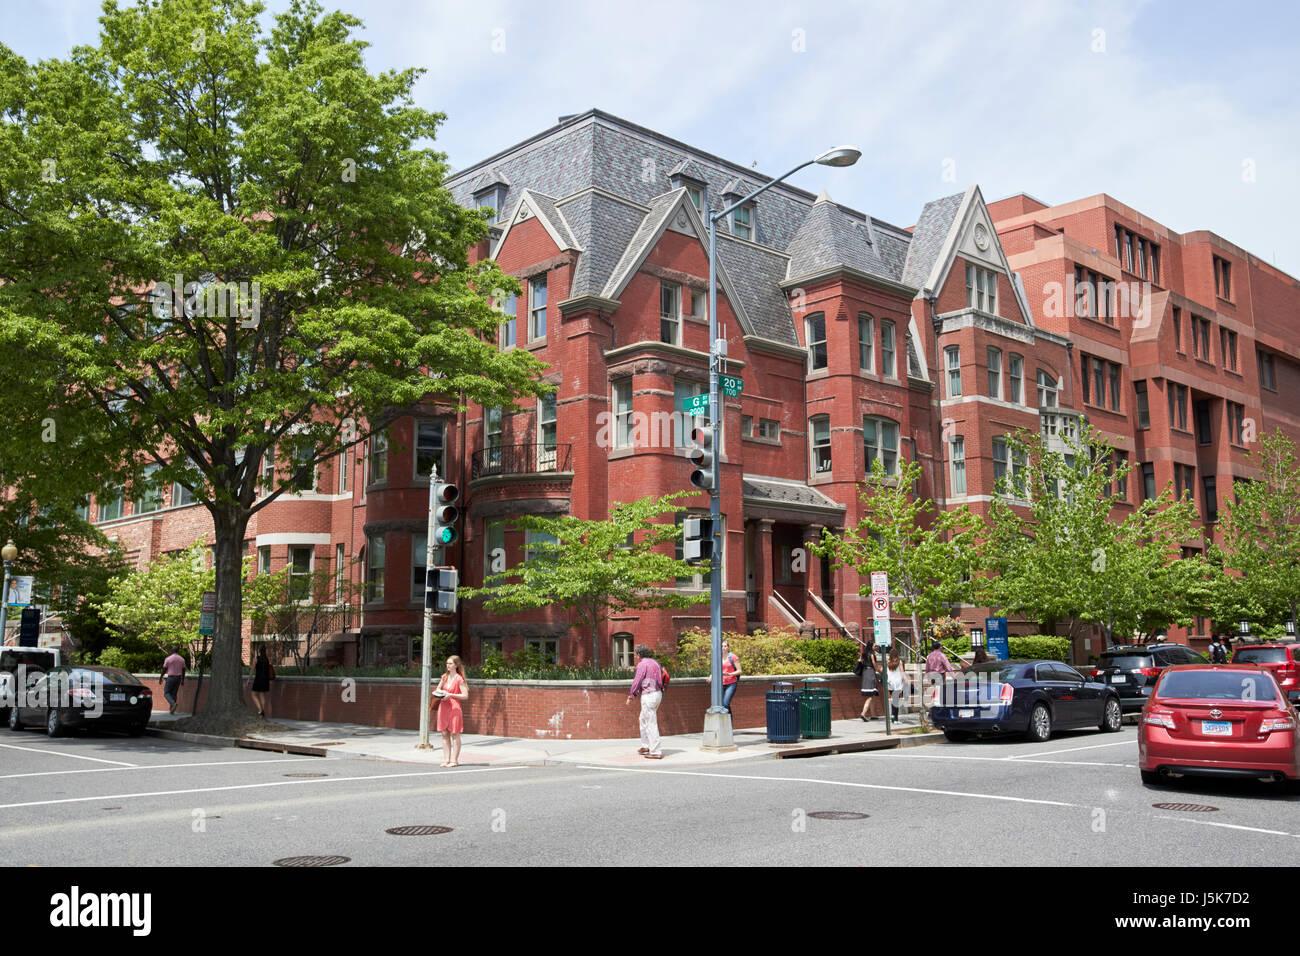 presidents office george washington university Washington DC USA - Stock Image